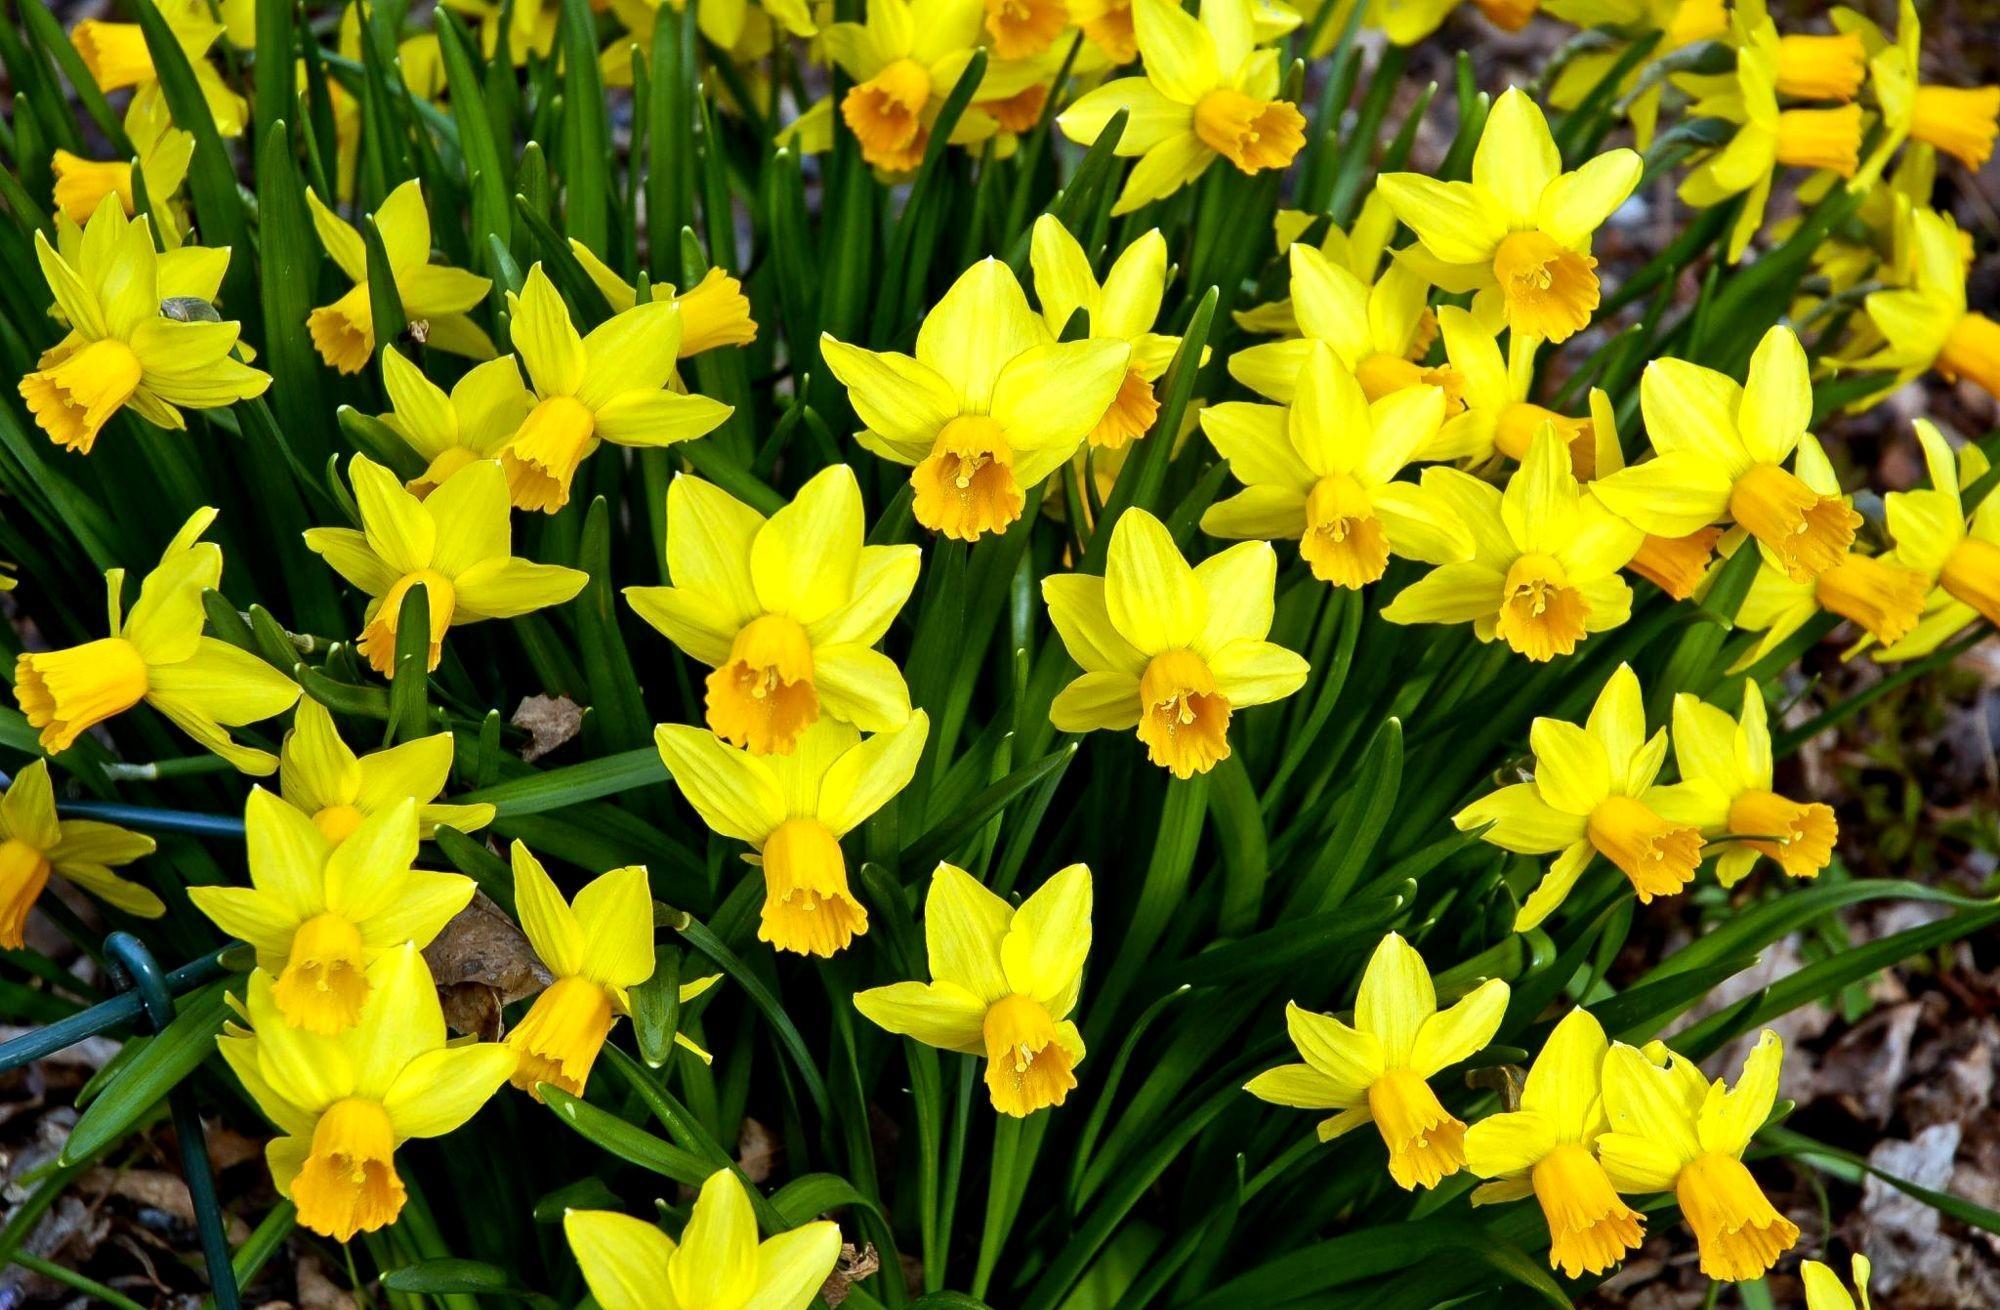 144622 Заставки и Обои Нарциссы на телефон. Скачать Цветы, Нарциссы, Клумба, Весна картинки бесплатно